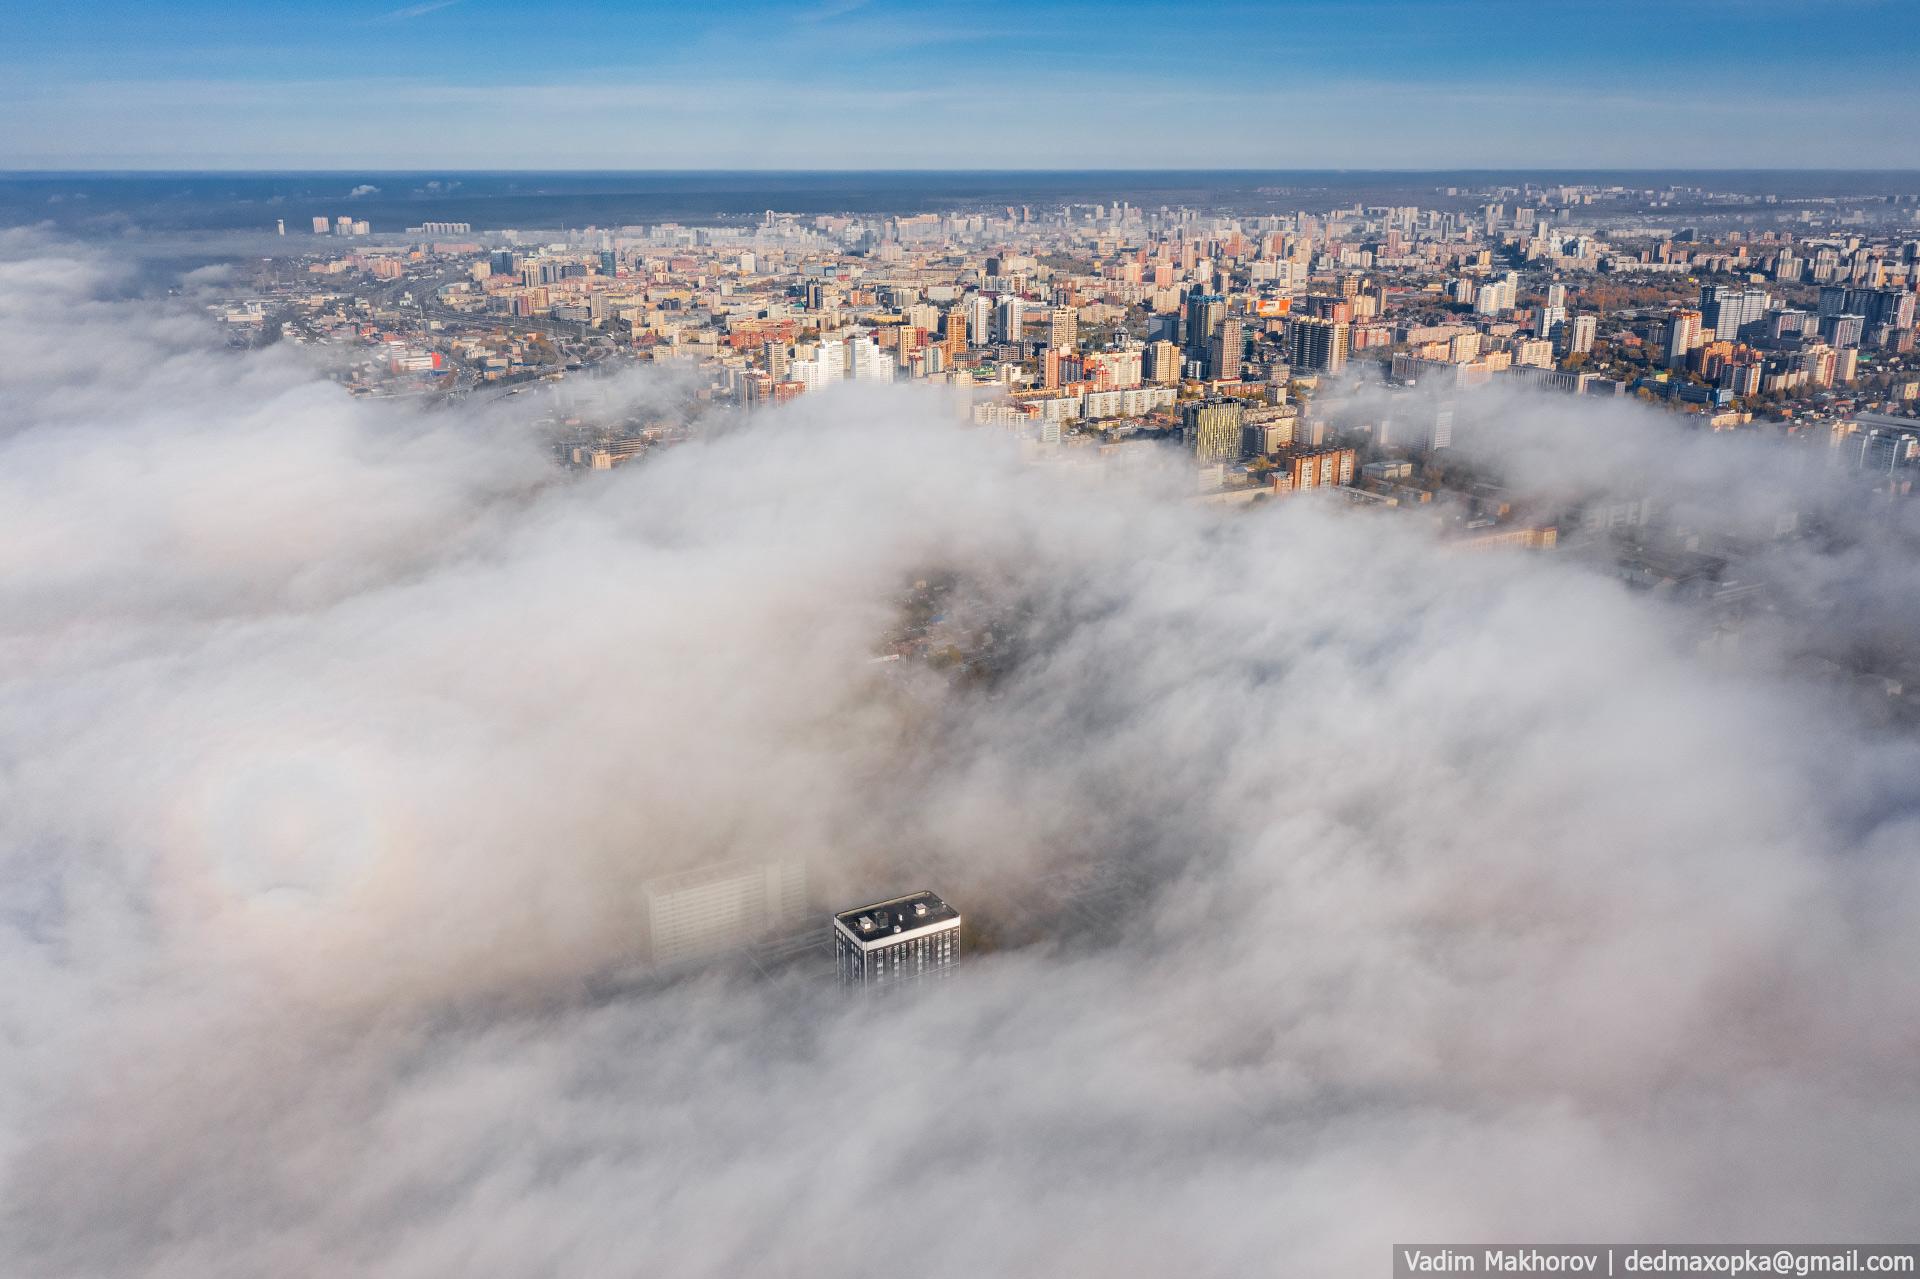 На снимках видно, как постепенно просыпается утренний Новосибирск, а туман рассеивается